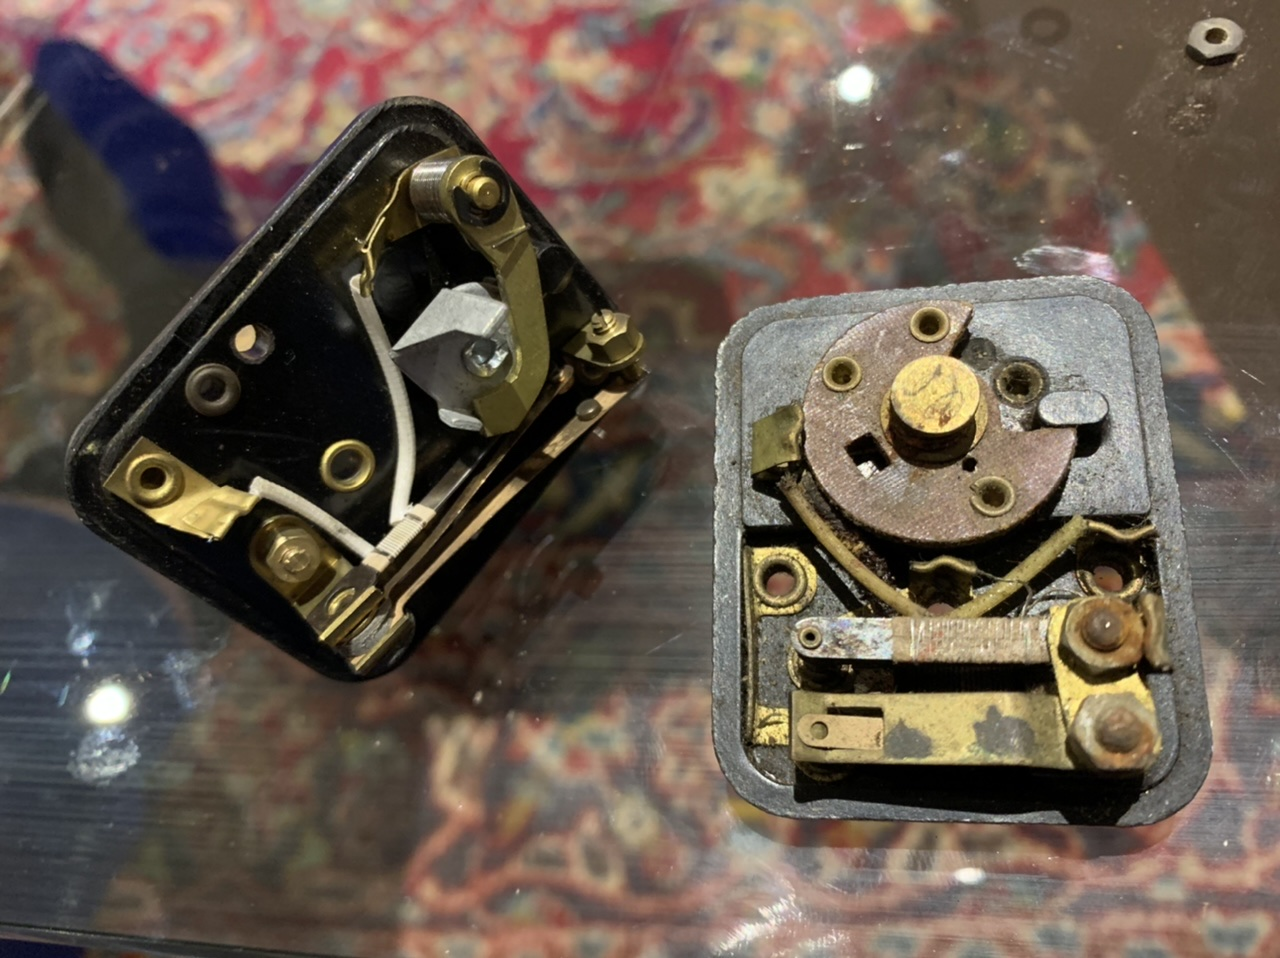 DCDD1CA1-70D9-4B29-88C3-E78F3475E831.jpeg